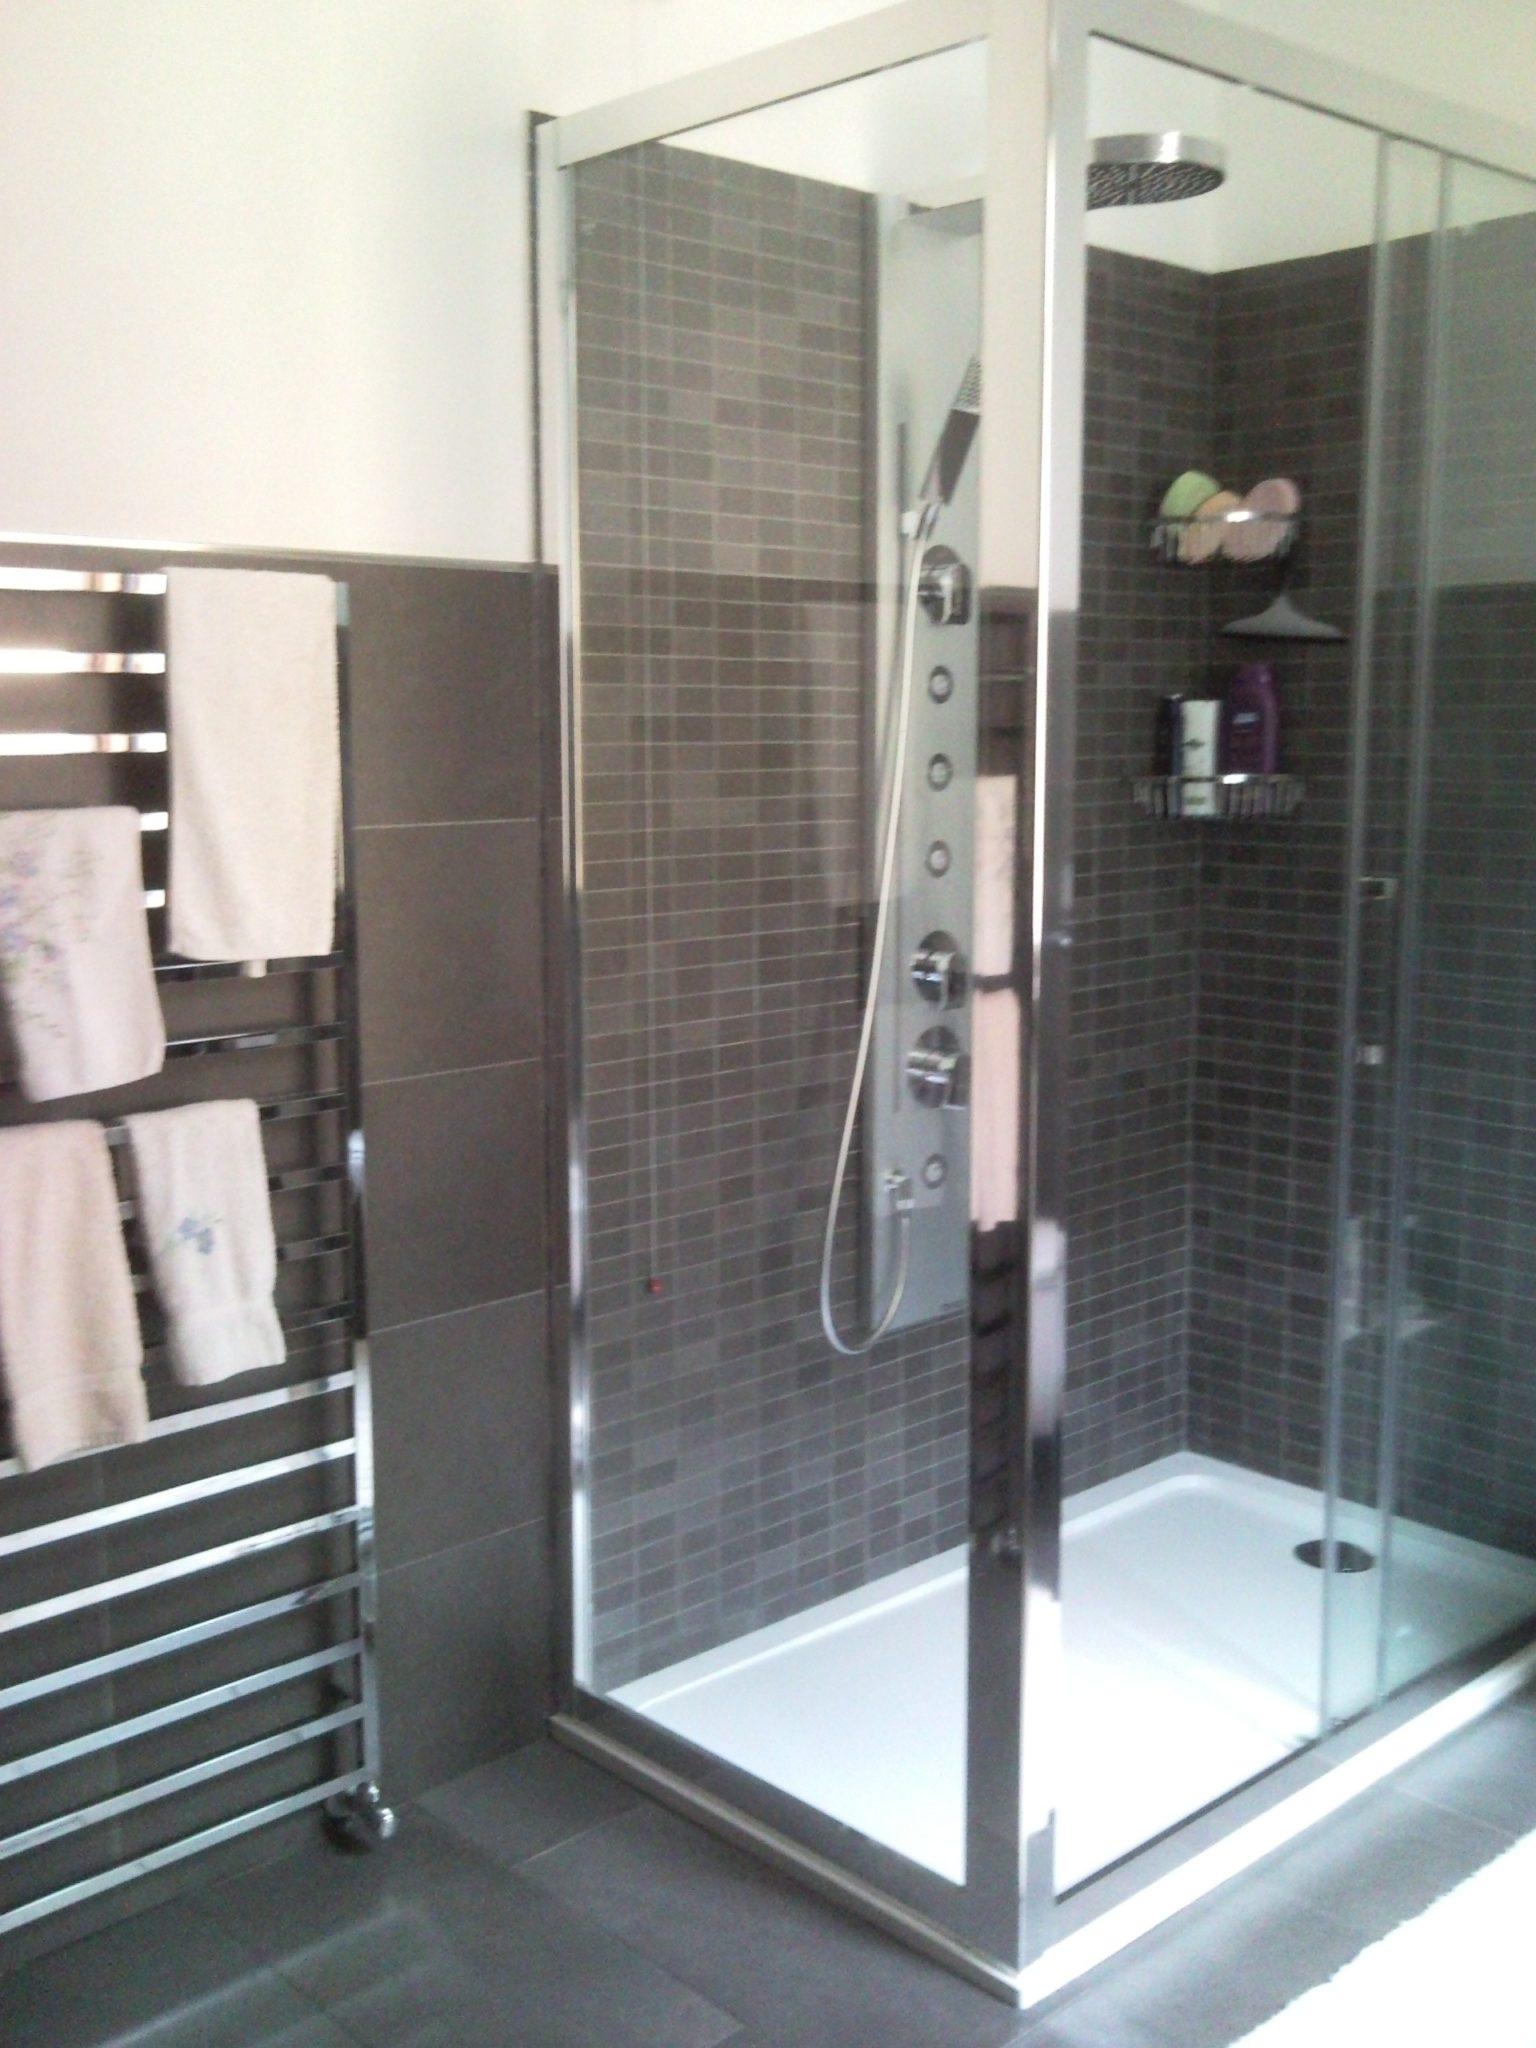 Bagno Moderno Rivestimenti: Come rivestire un bagno moderno ...